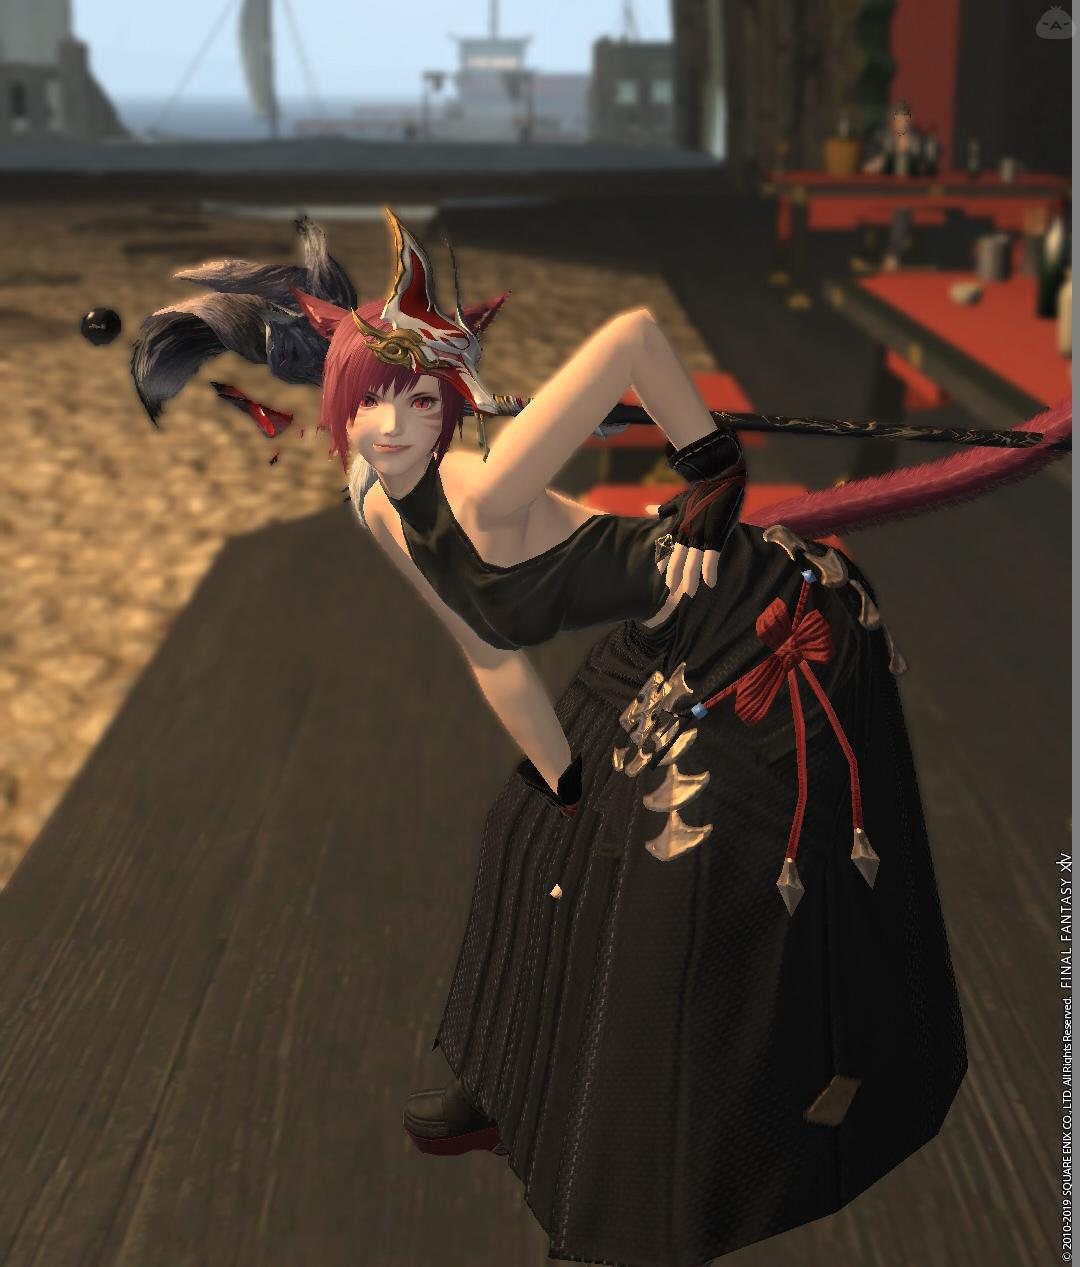 黒×赤きつね